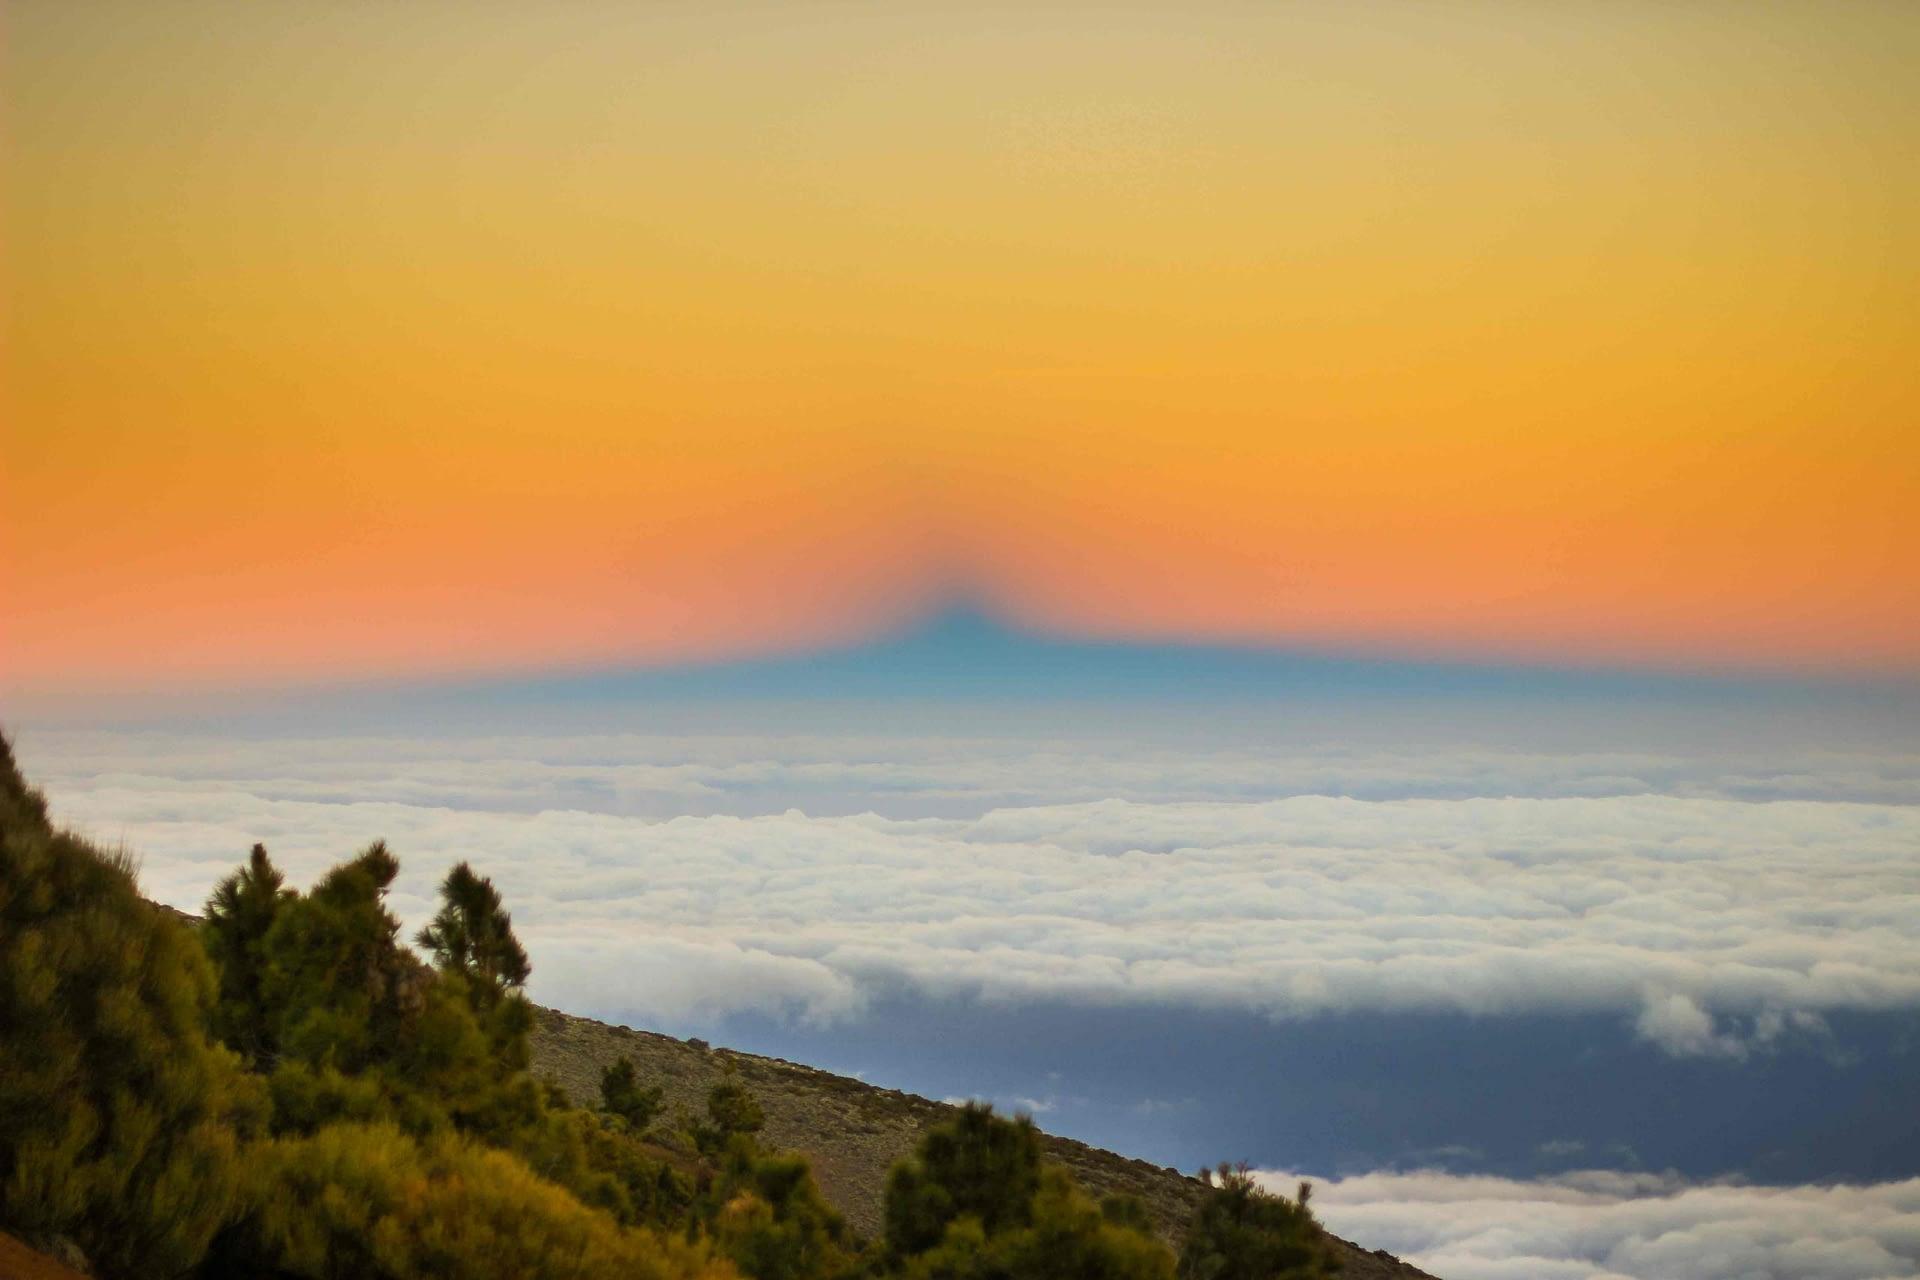 mare de nori si umbra vulcanului teide